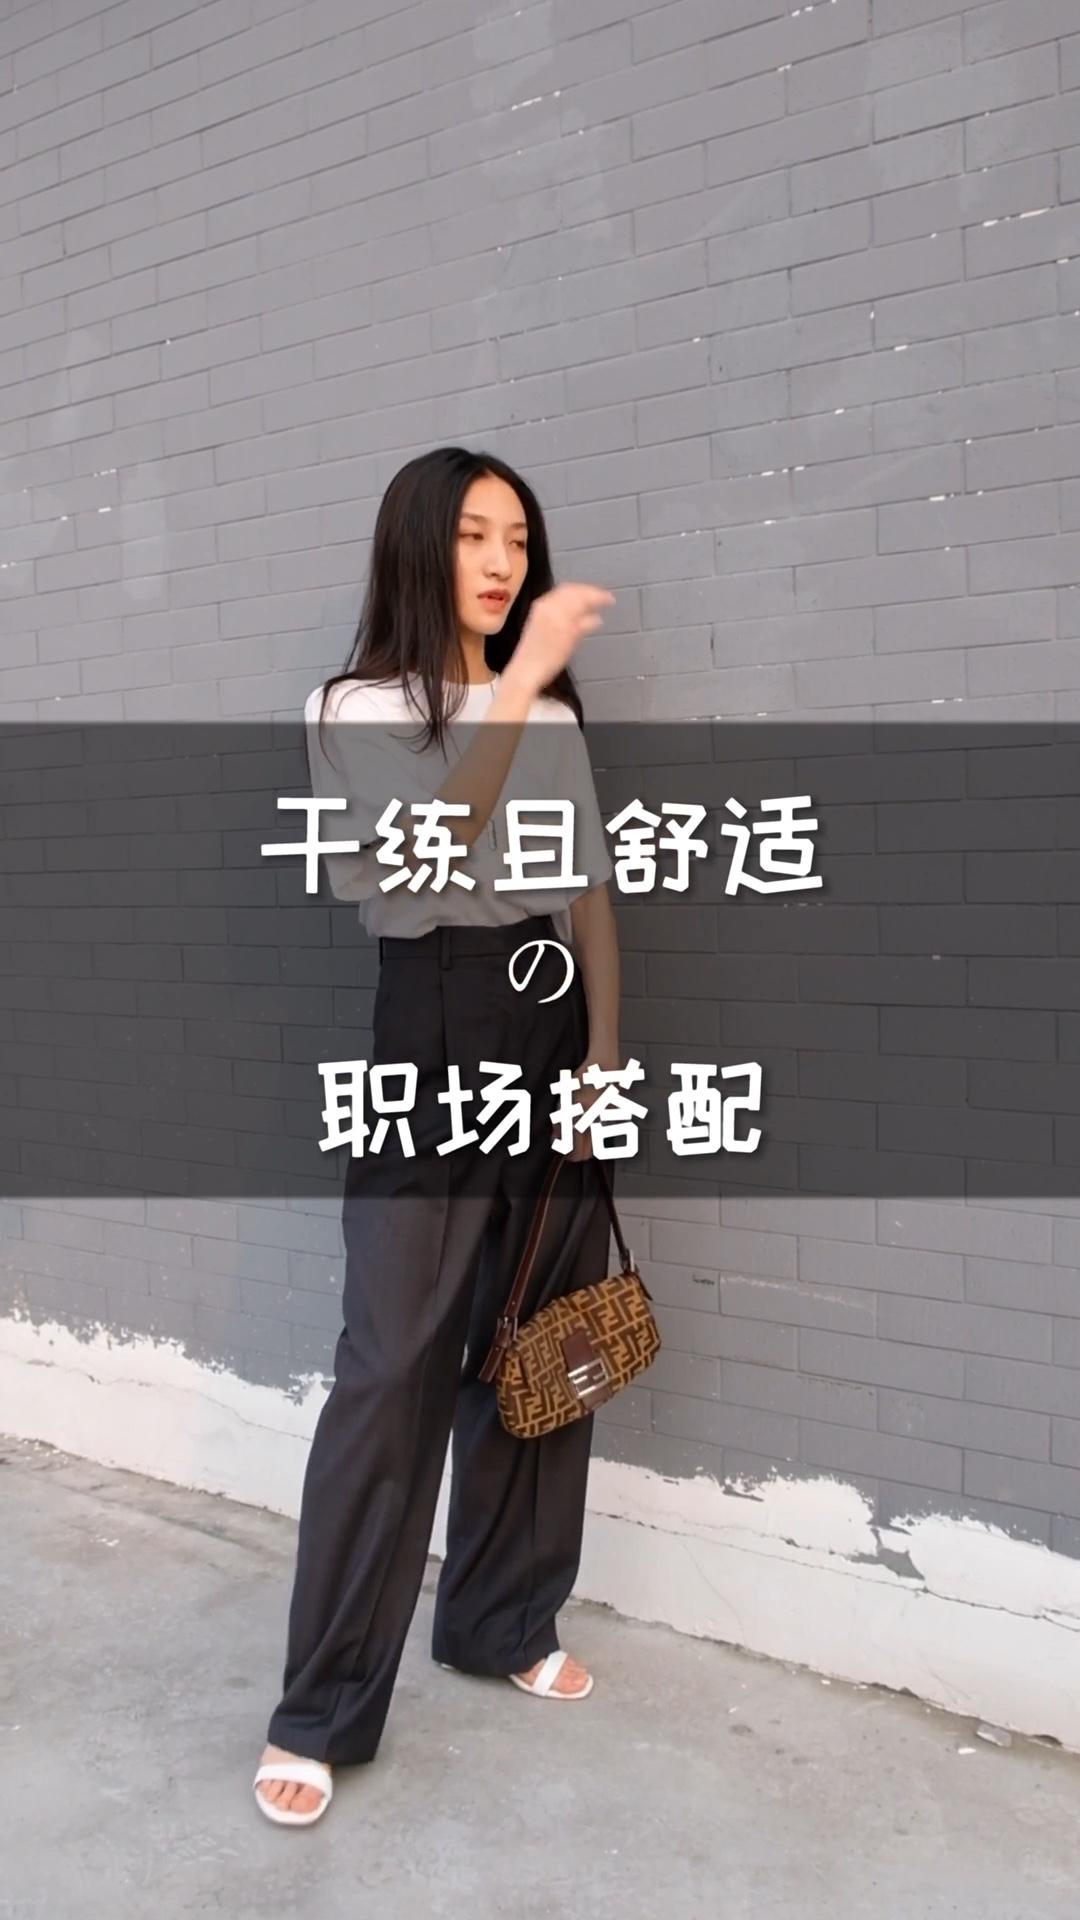 【干练又舒适の职场搭配】 - ❥职场搭配,不一定都是很formal,对着装不是很严格的行业,稍微休闲一点也是阔以的~ ❥但是,毕竟是职场,给人